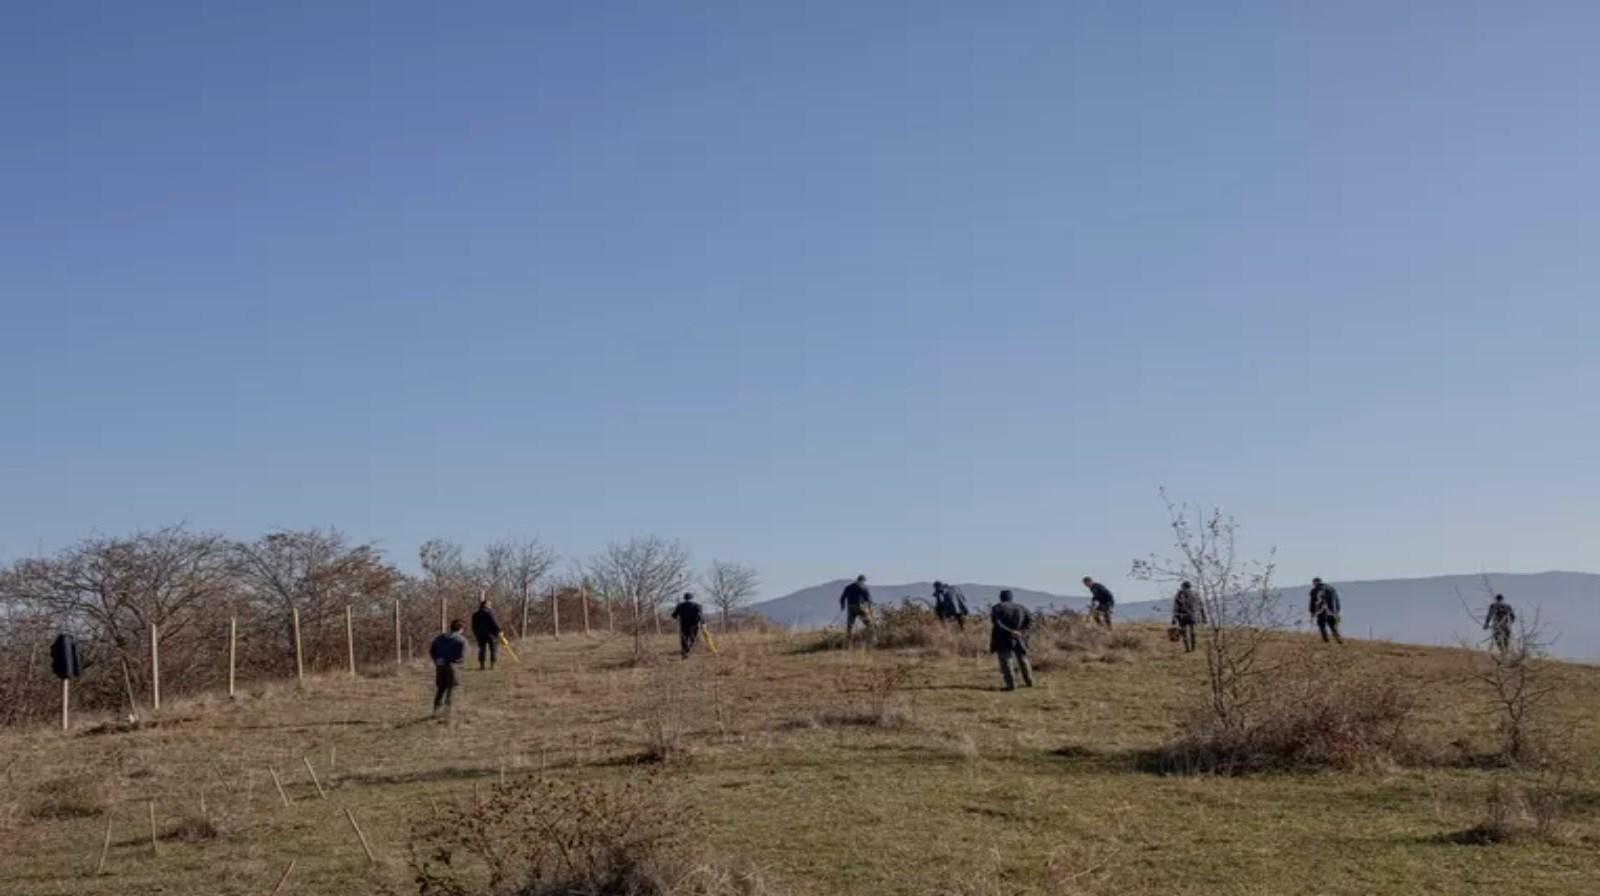 أذربيجان تعلن عن مقتل جندي وجرح آخر في كمين لانفصاليين أرمن  في ناغورنو كاراباخ